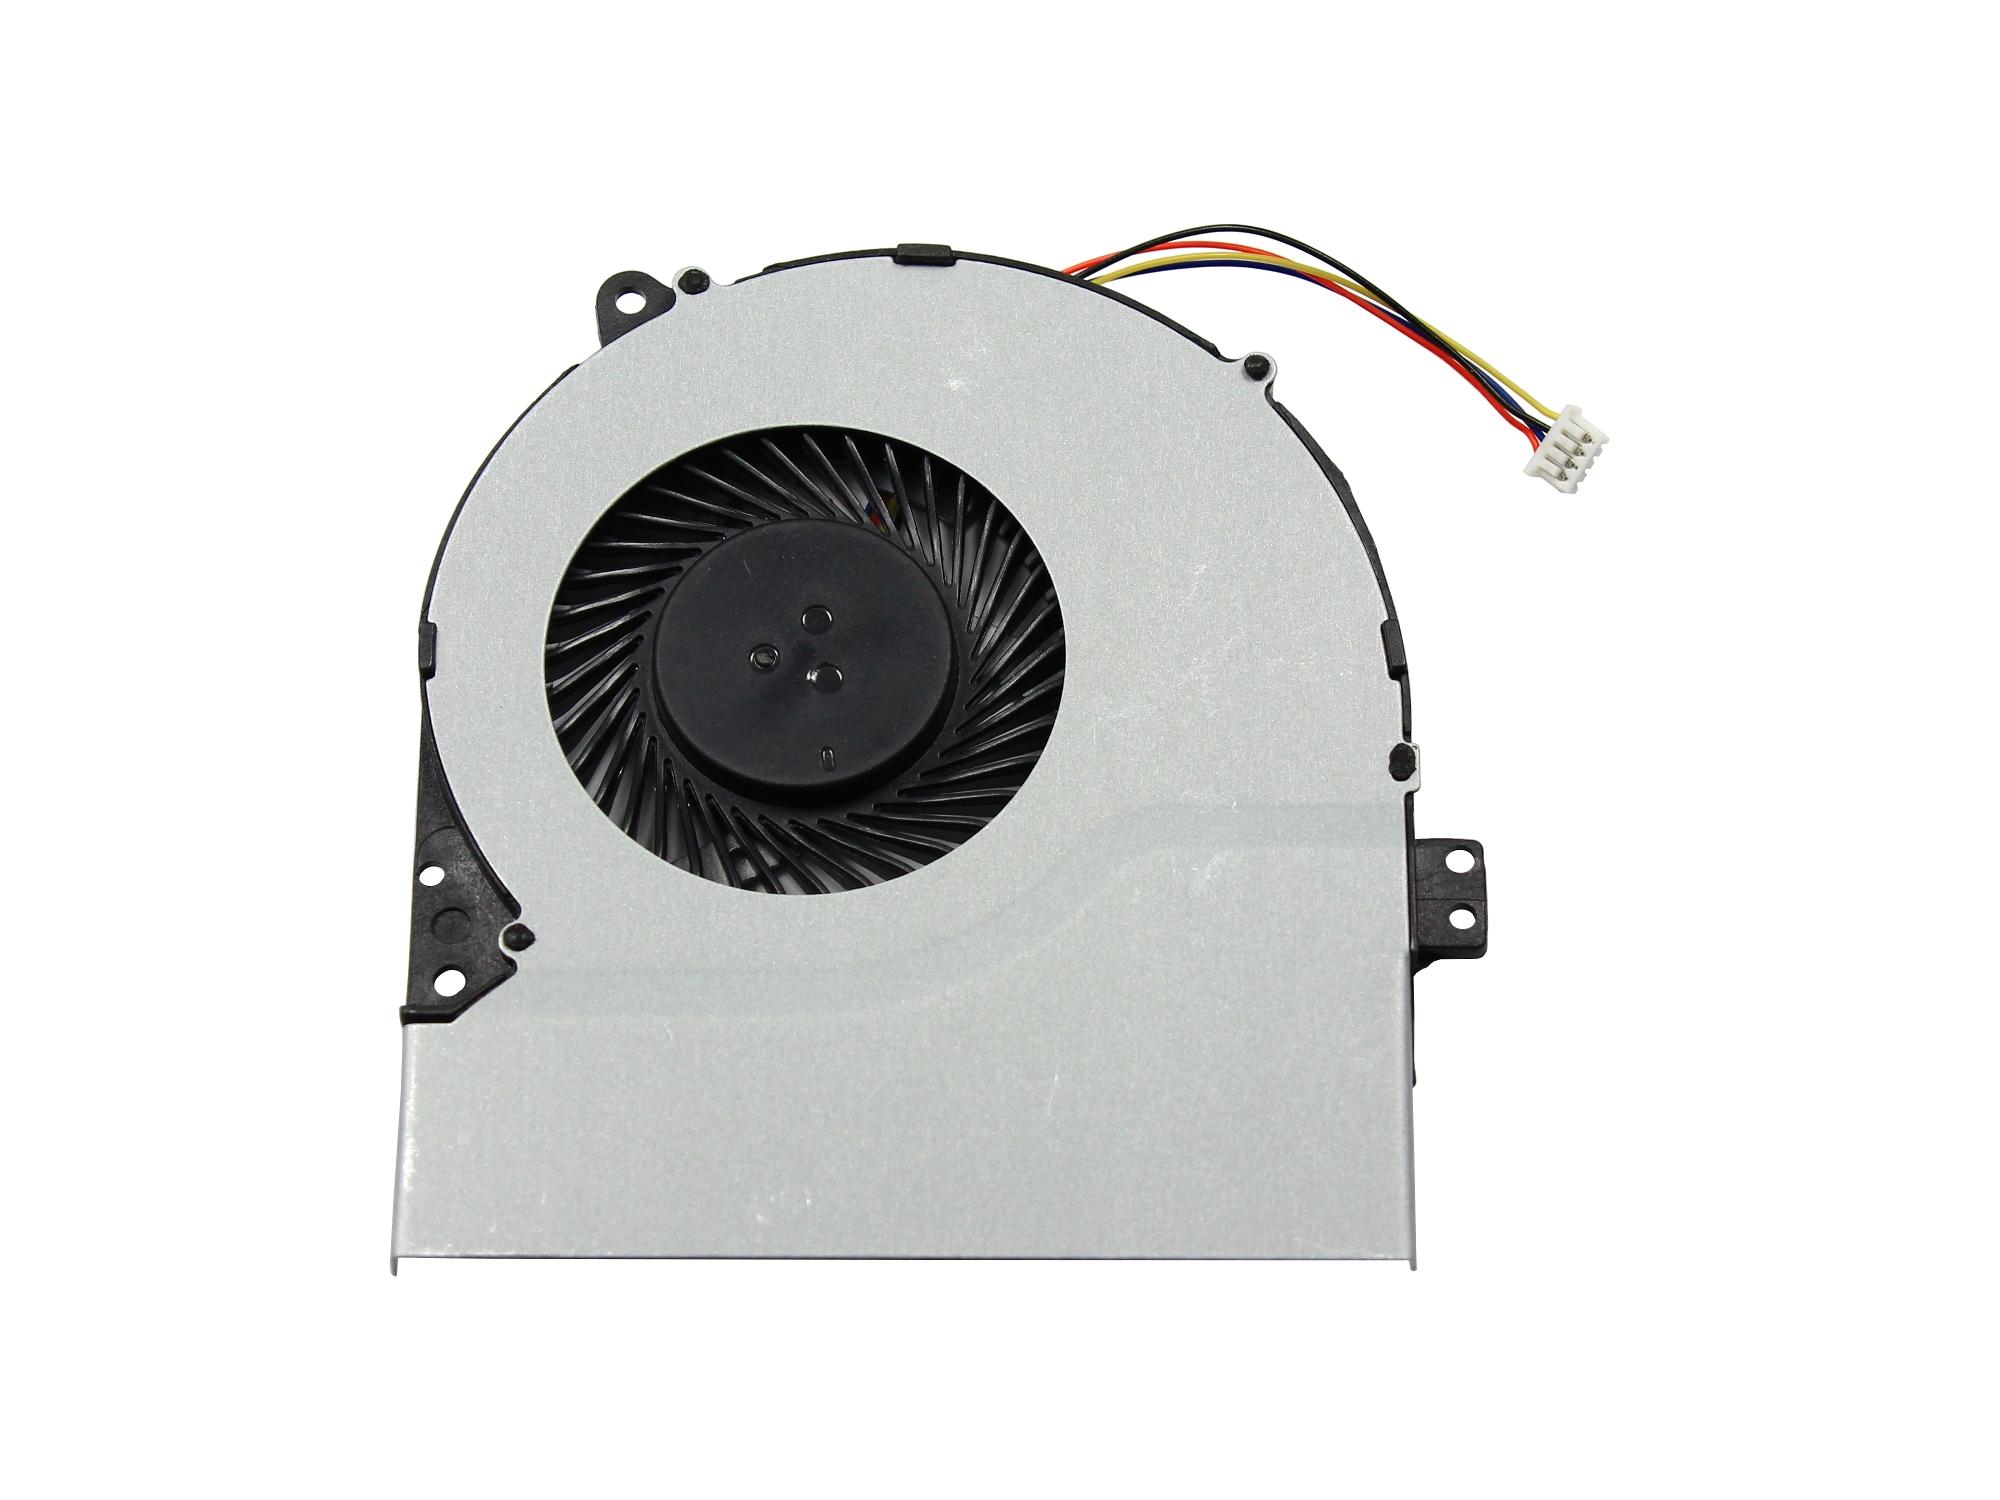 Cooler compatibil Asus X552, X552C, X552CA, X552CL, X552E, X552EA, X552EP, X552LAV, X552LD, X552LDV, X552MD, X552VL, X552WA, X552WE, model Sunon